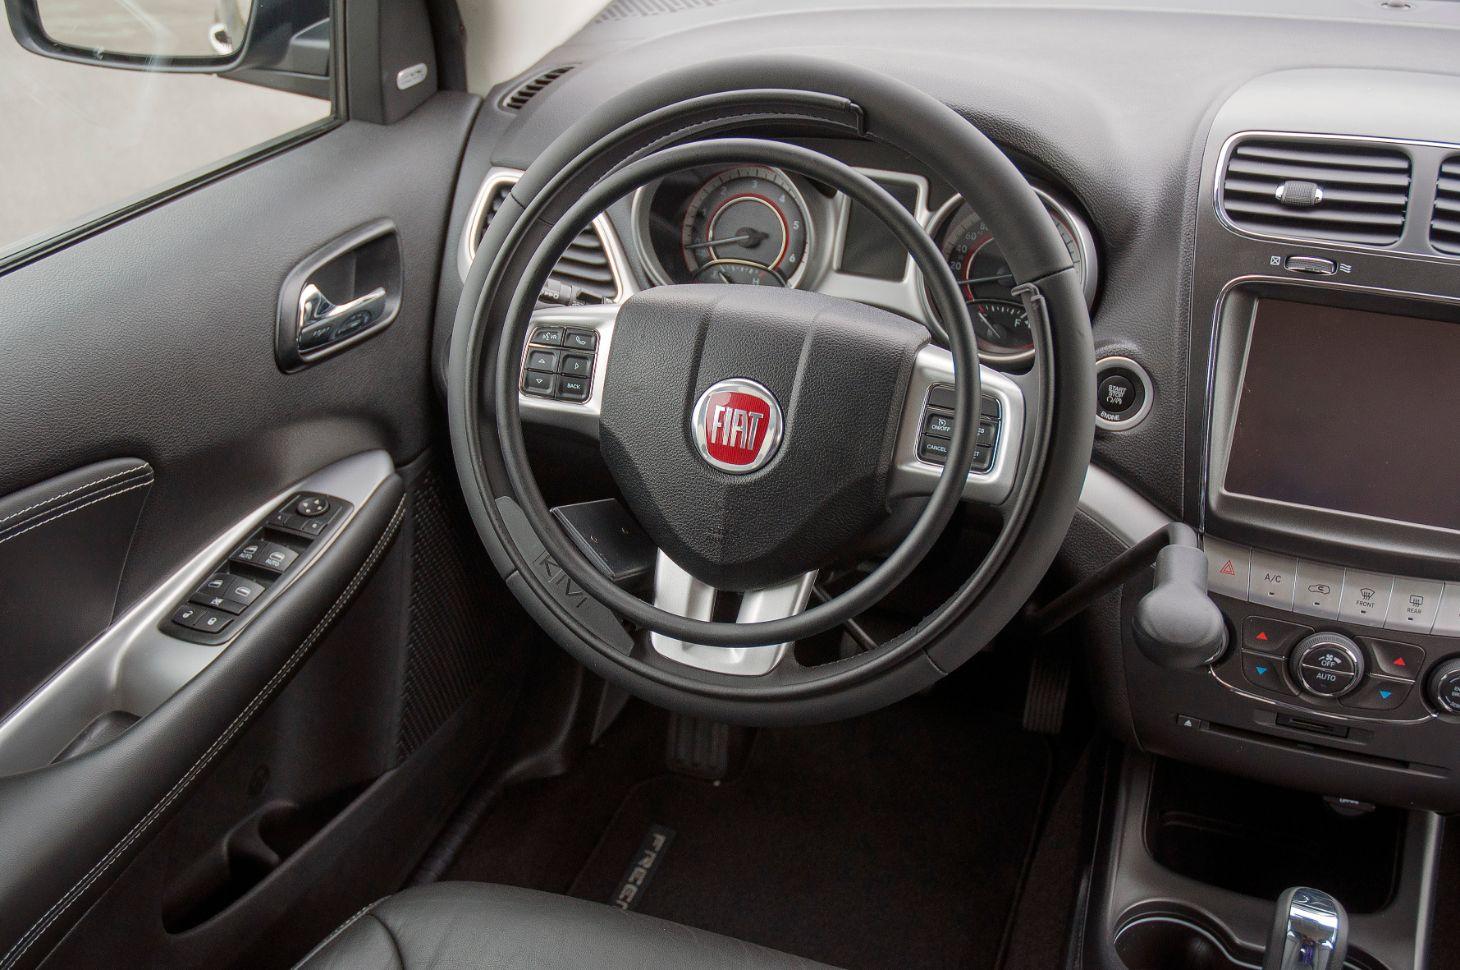 aro de aceleracao ks em carro adaptado para pcd adaptacar